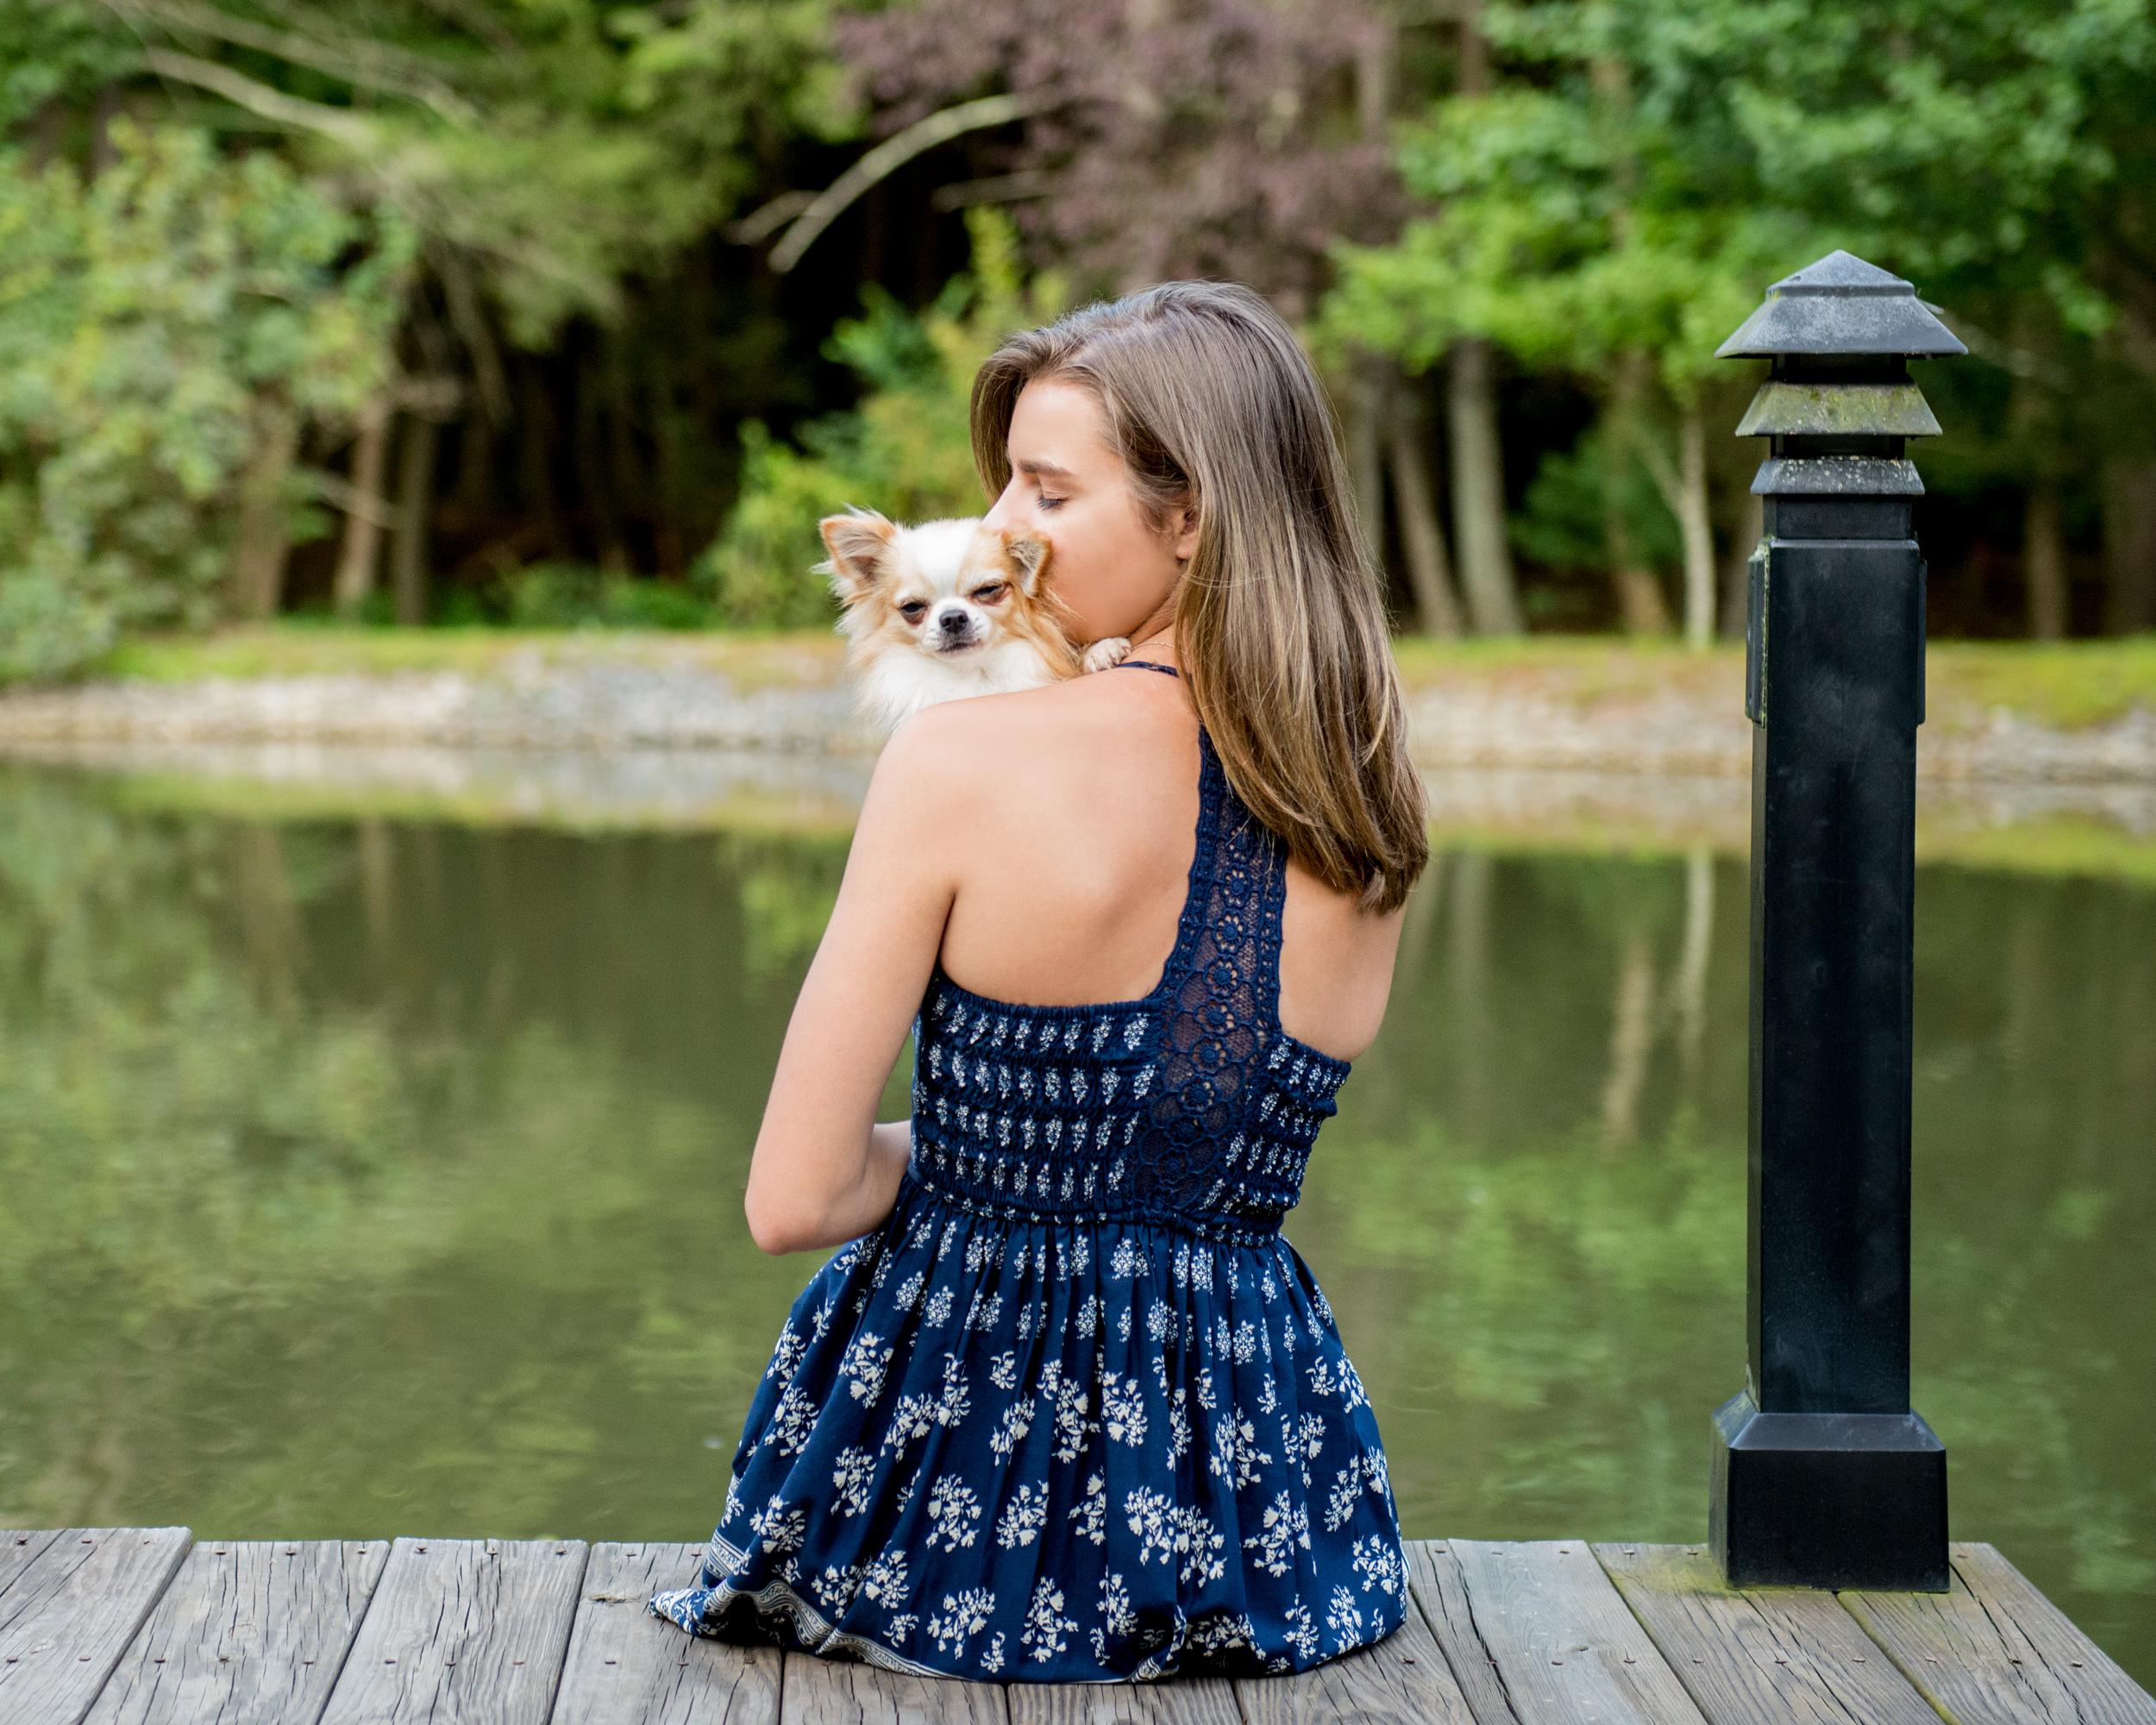 girl.holding.dog.pond.jpg